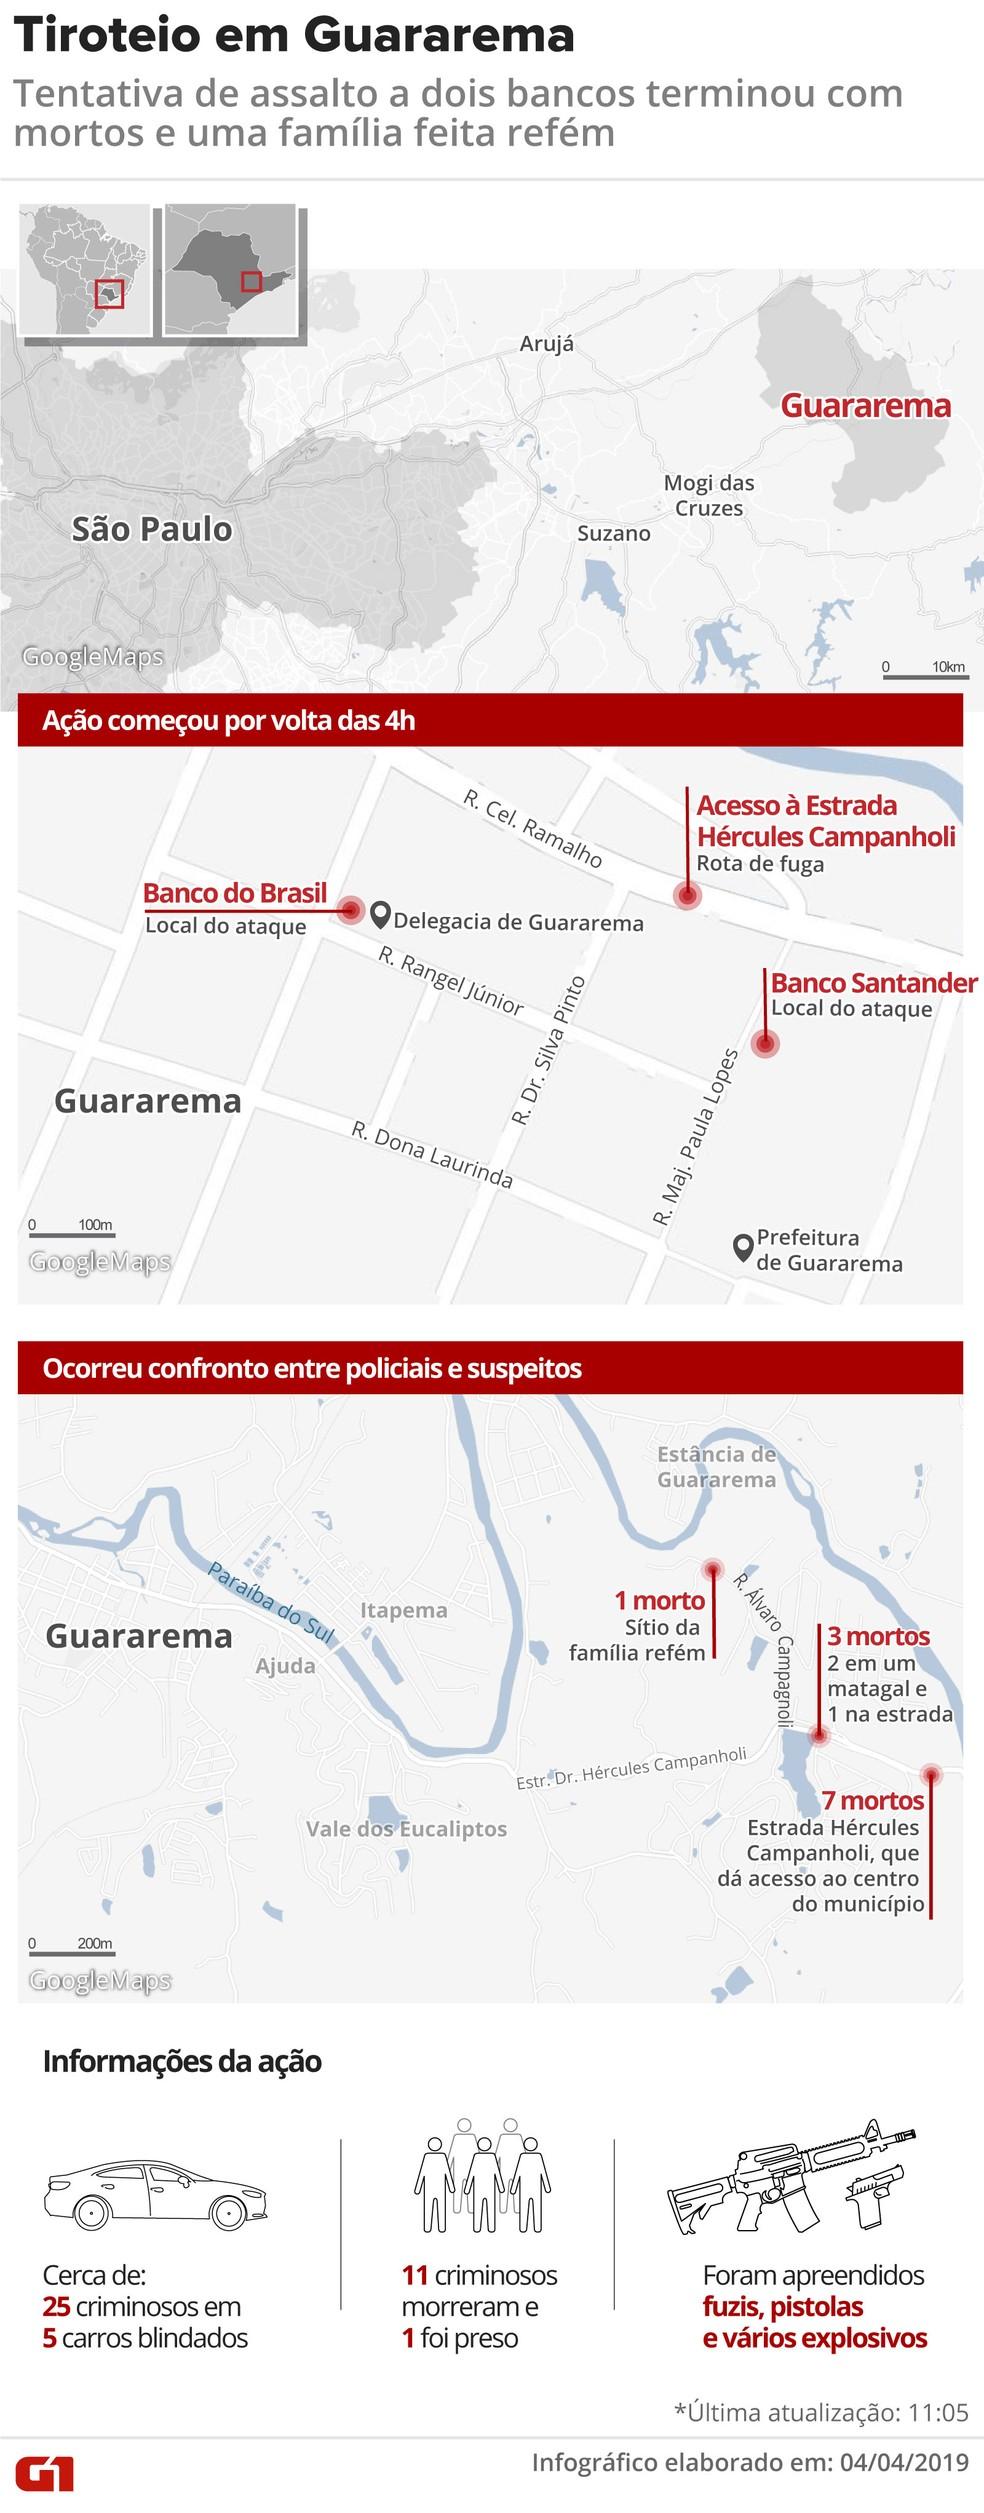 Arte mostra locais onde agências de banco foram atacadas em tentativa de roubo em Guararema e onde ocorreu tiroteio que matou criminosos — Foto: Juliane Monteiro, Diana Yuraki e Wagner Magalhães/Arte G1